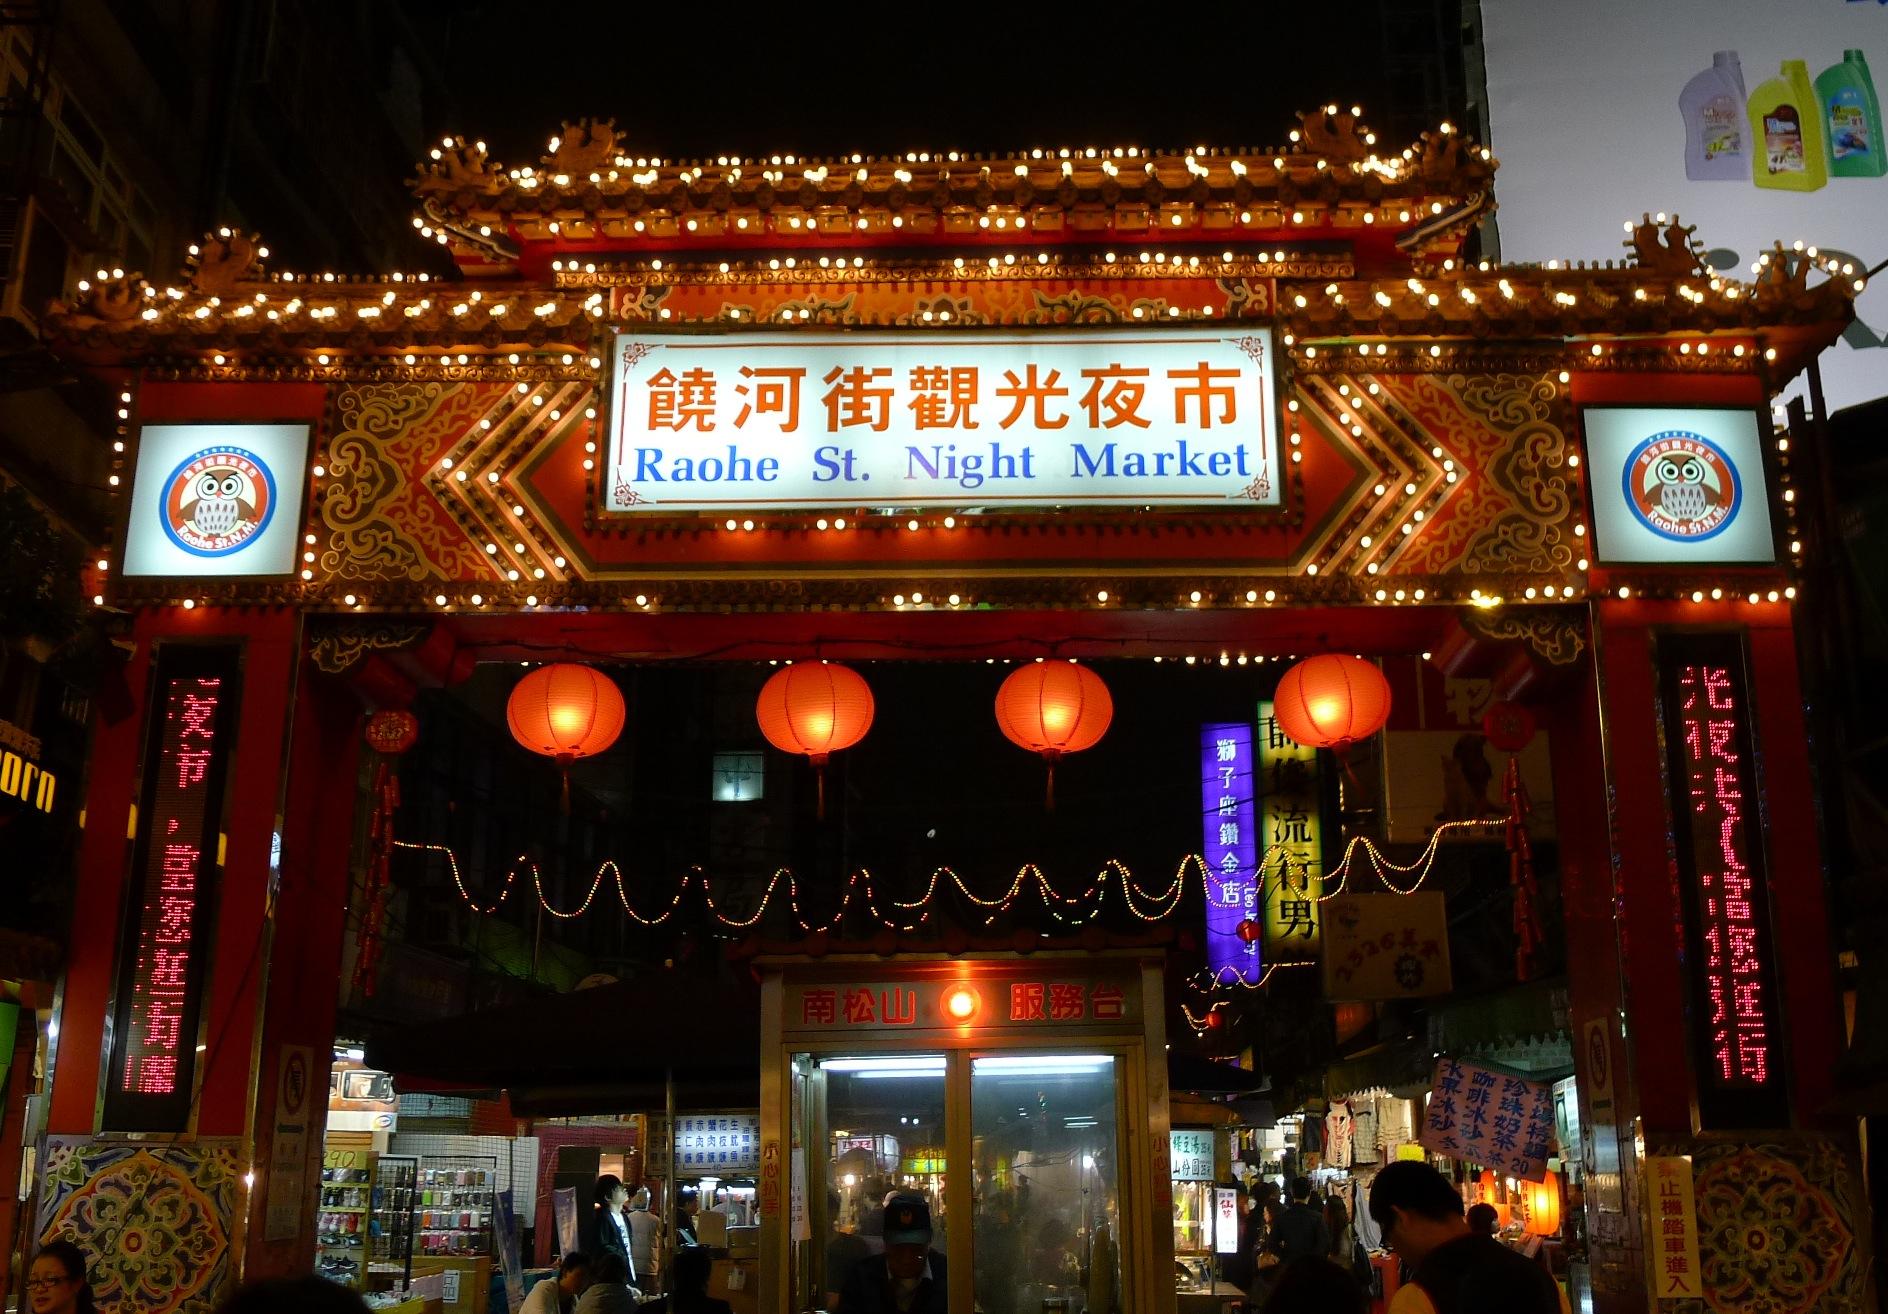 臺北夜市 – 臺北旅遊團